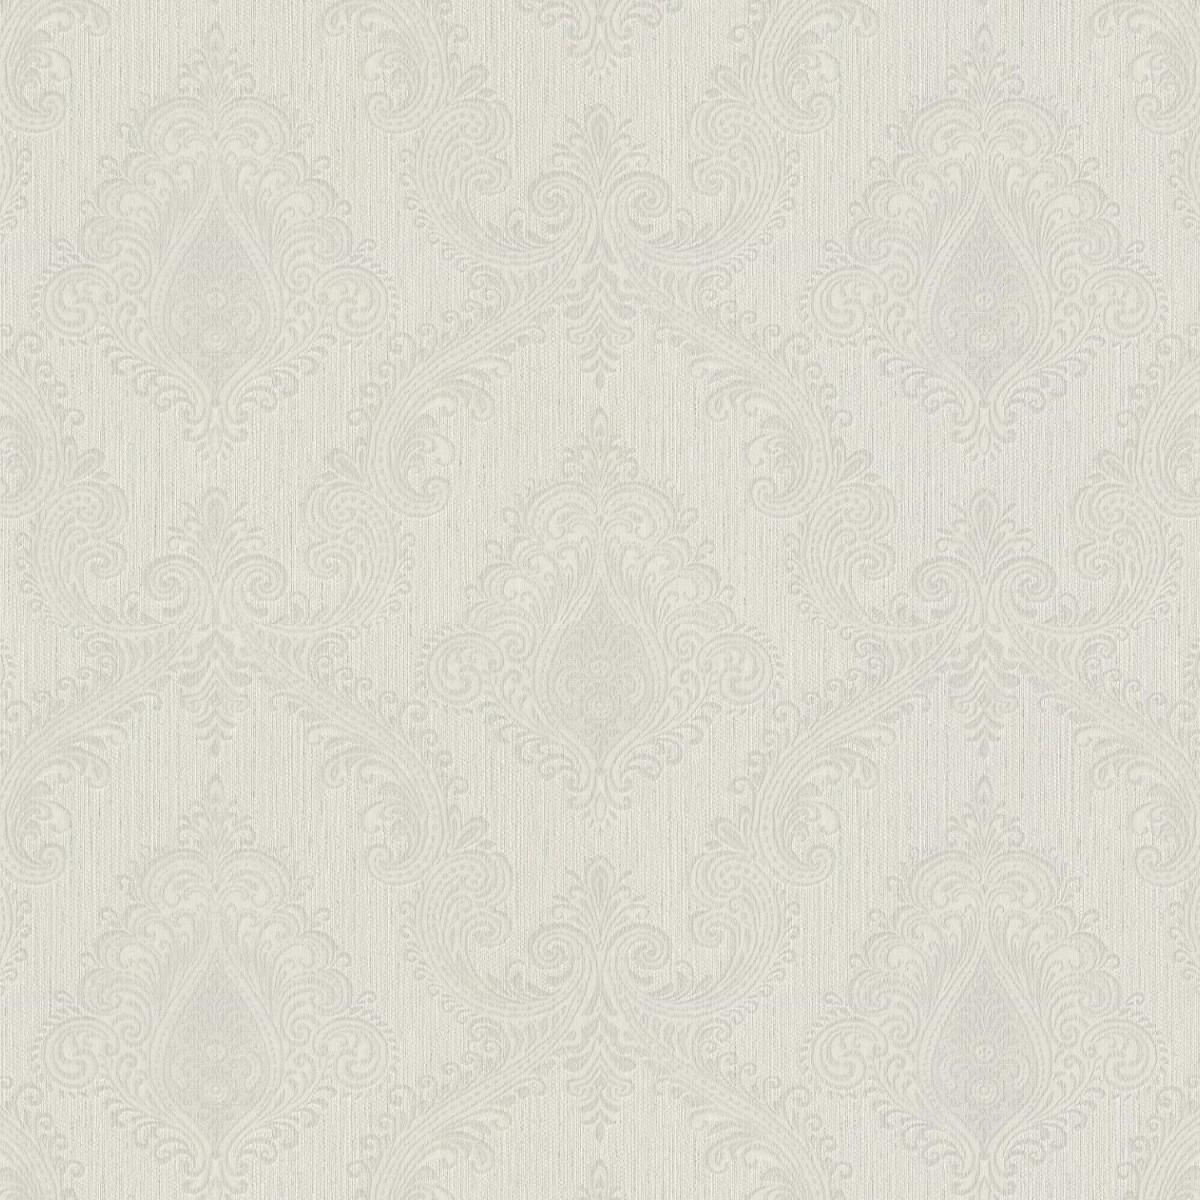 Обои флизелиновые Rasch Alla Prima серые 1.06 м 959901